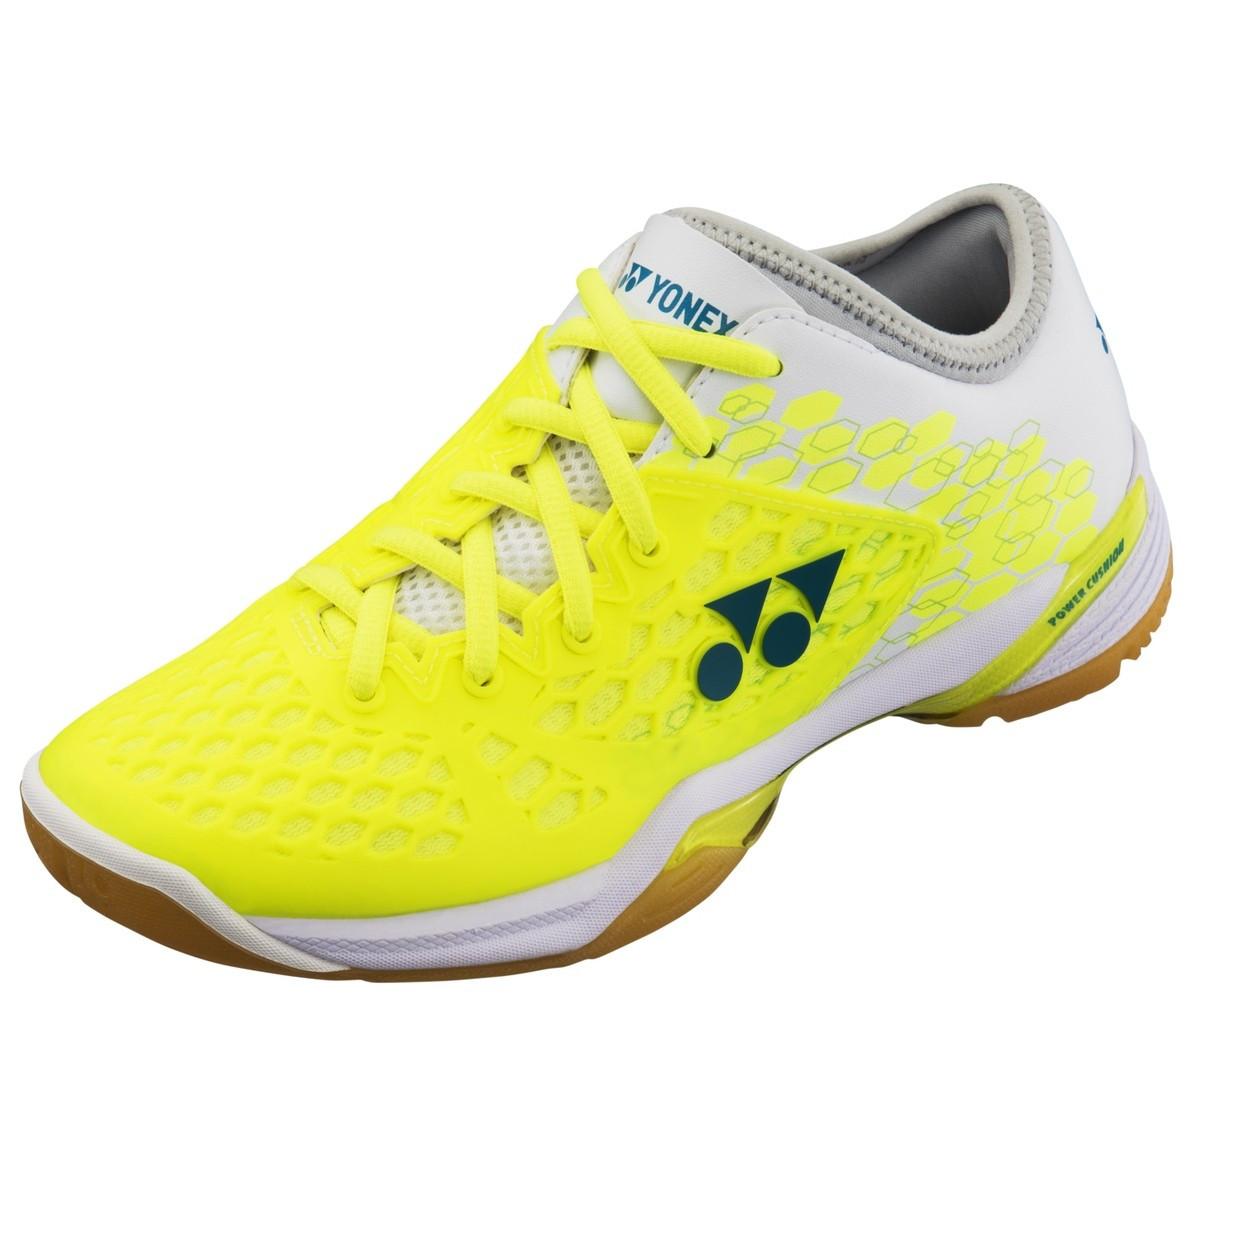 [:ru]Кросівки Yonex SHB-03Z L Bright Yellow[:uk]Кросівки Yonex SHB-03Z L Bright Yellow[:]